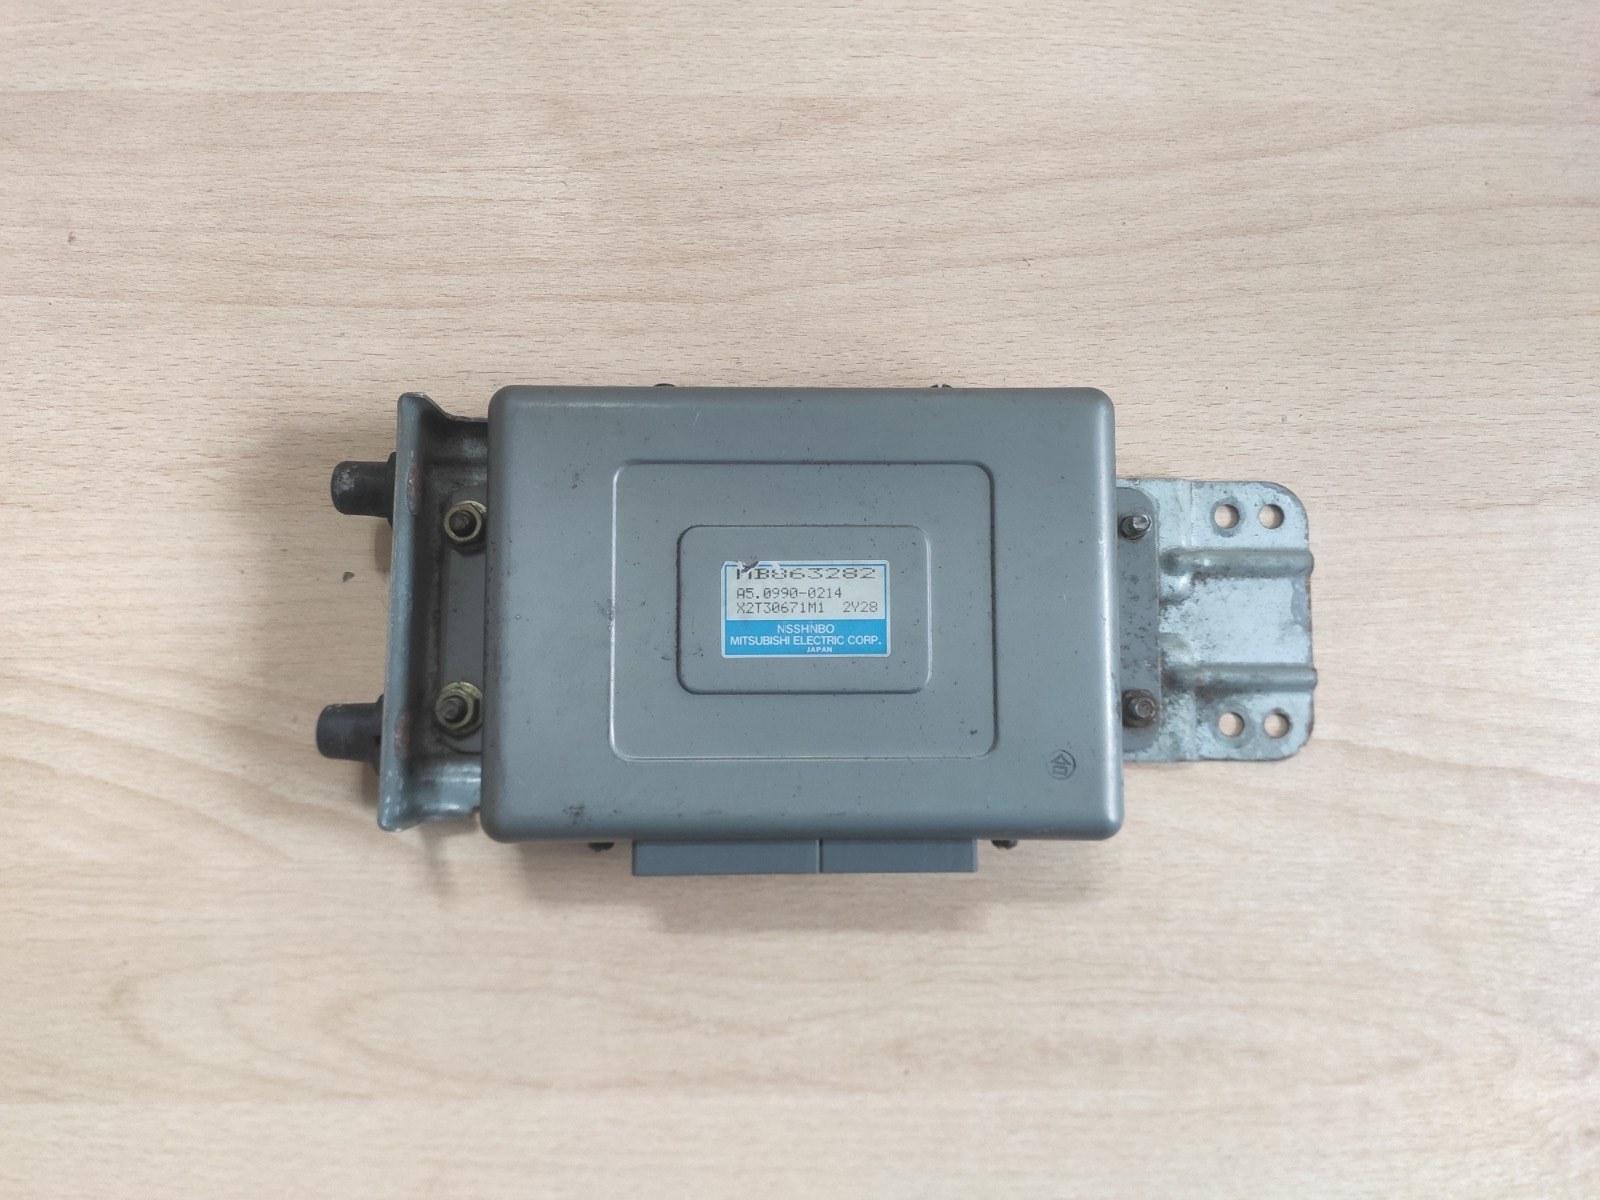 Электронный блок управления Mitsubishi Galant 7 ХЭТЧБЕК 5ДВ. 2.0 1992 (б/у)